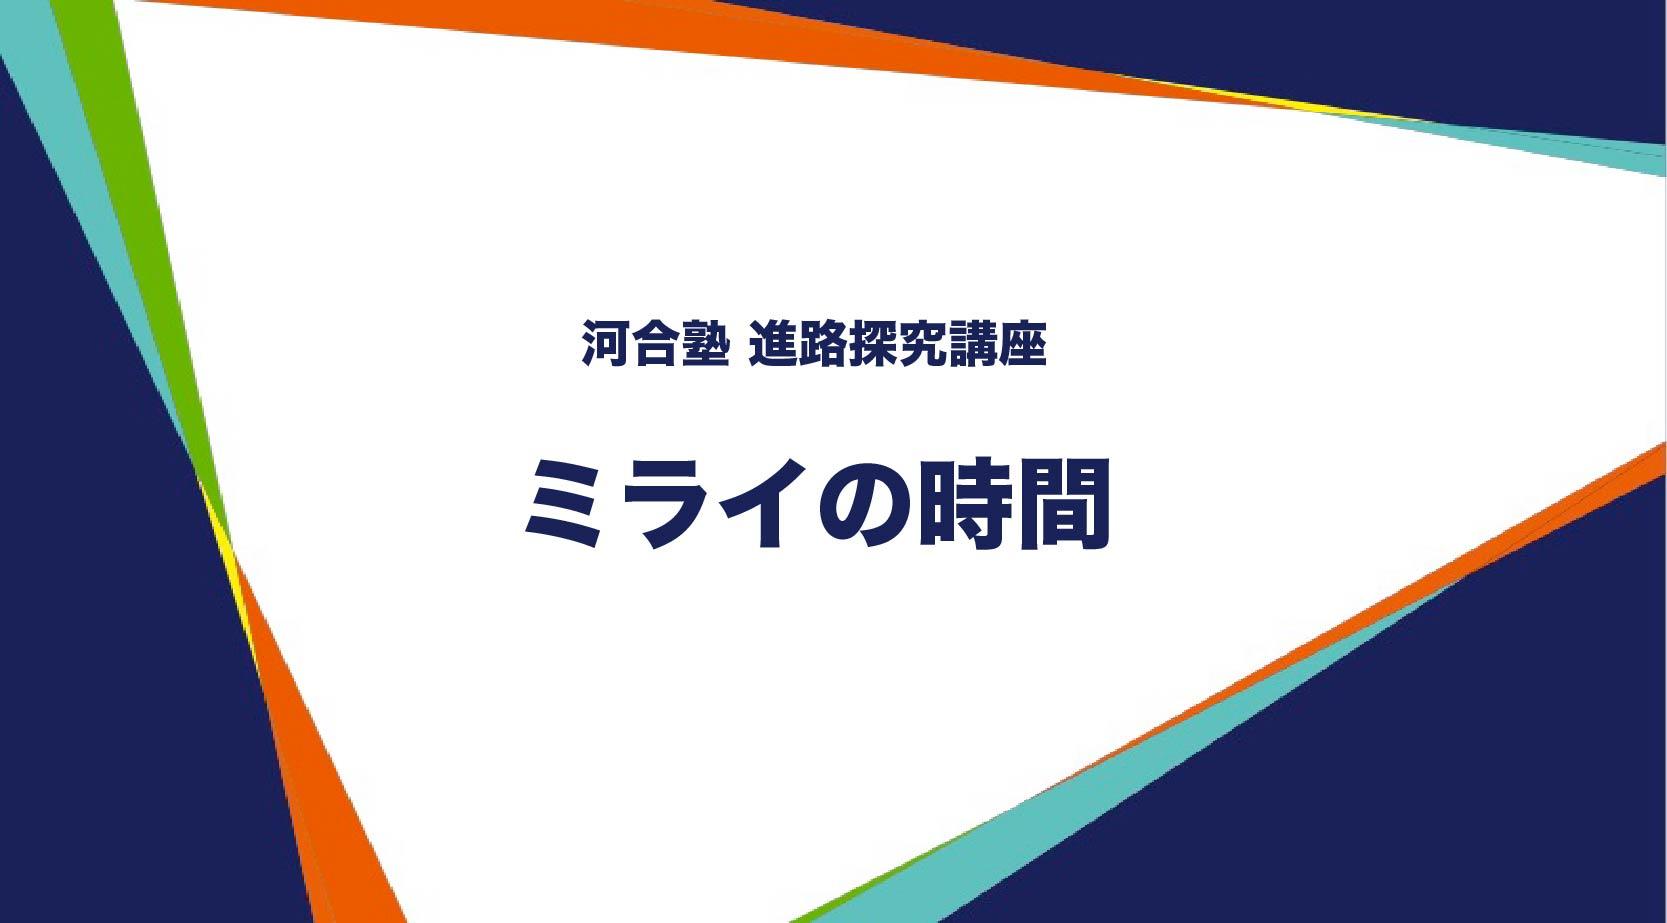 河合塾の進路探究授業「ミライの時間」のイメージ